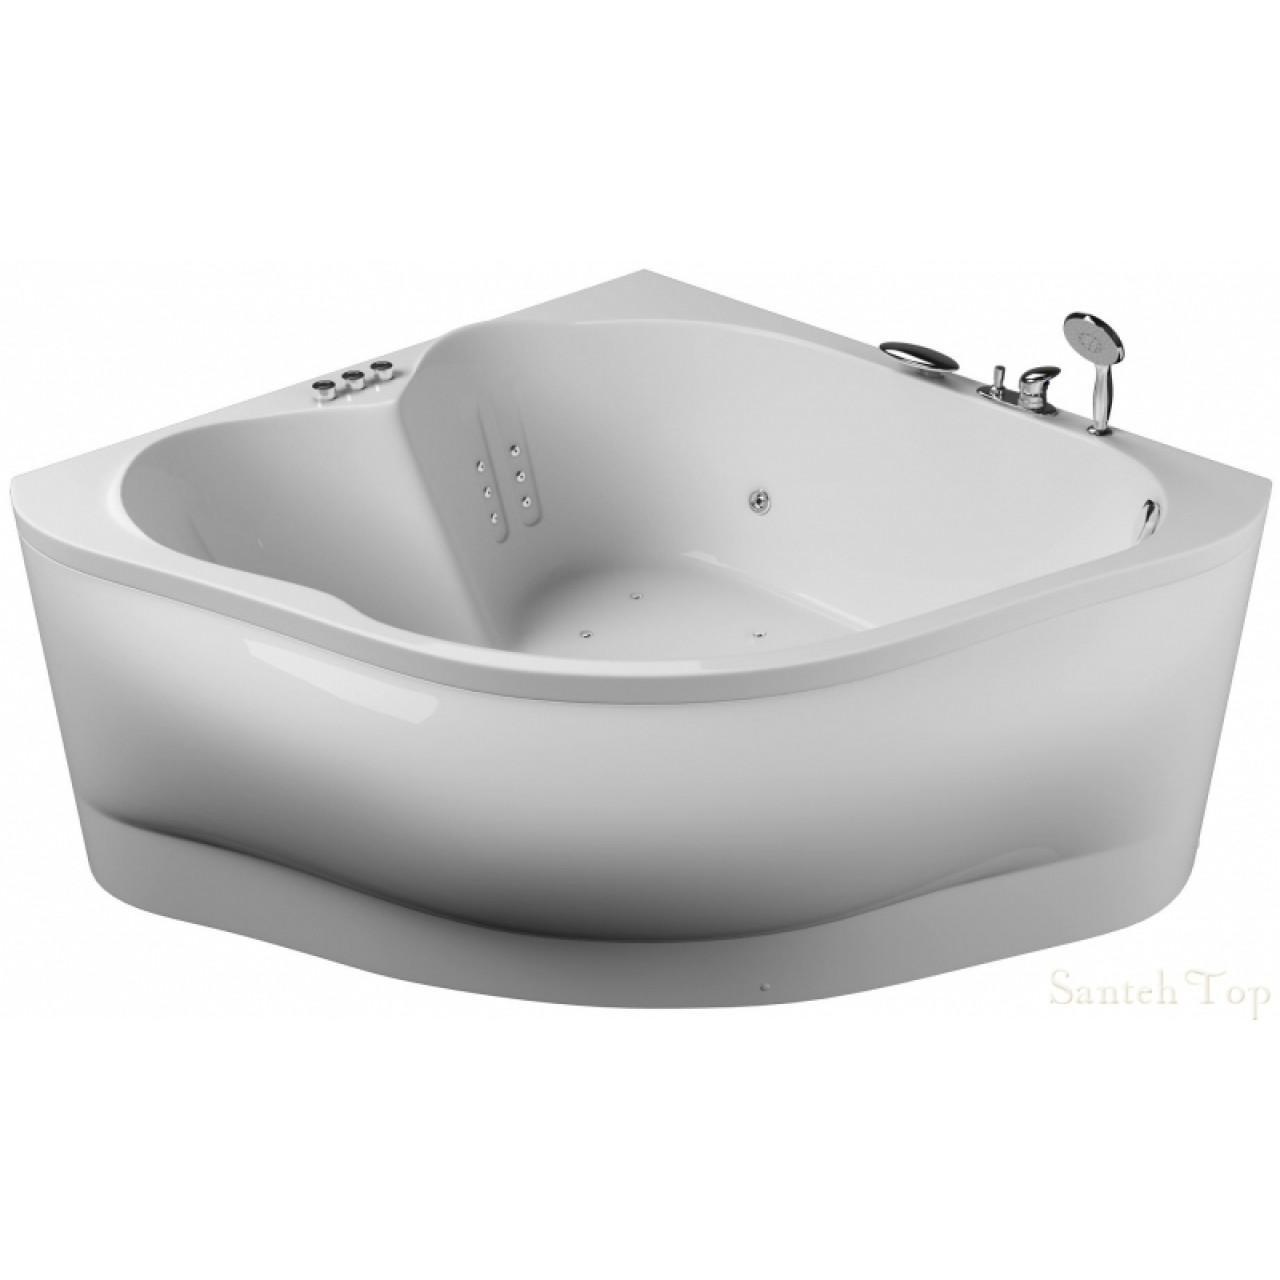 Акриловая ванна Акватика Матрица Standart 155x155x73 купить в Москве по цене от 36620р. в интернет-магазине mebel-v-vannu.ru